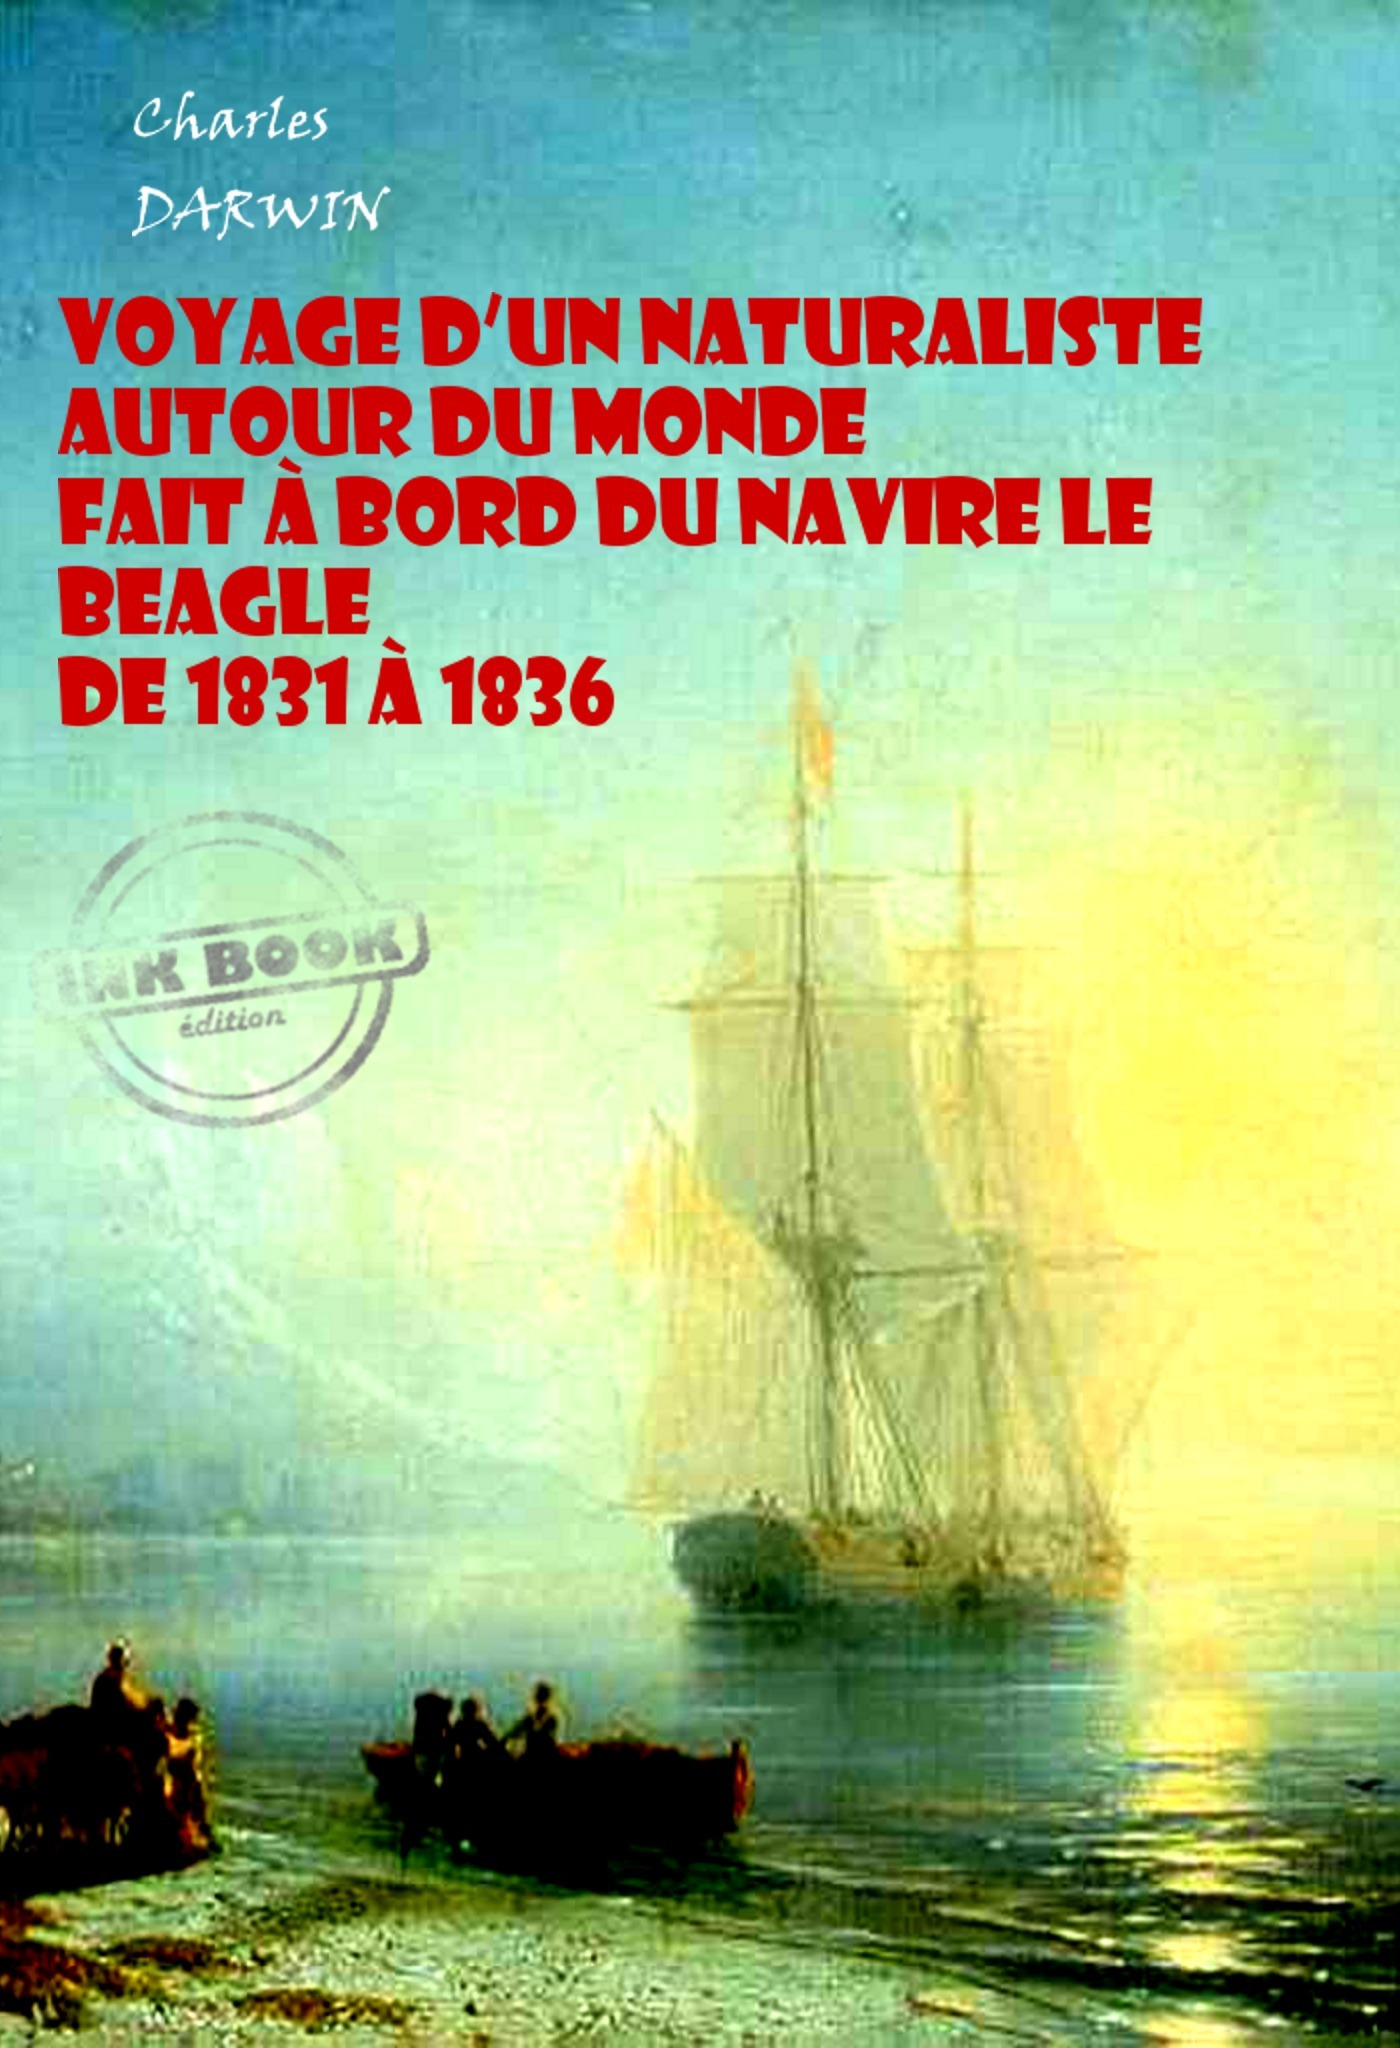 Voyage d´un naturaliste autour du monde  fait à bord du navire le Beagle de 1831 à 1836 (avec Illustrations)